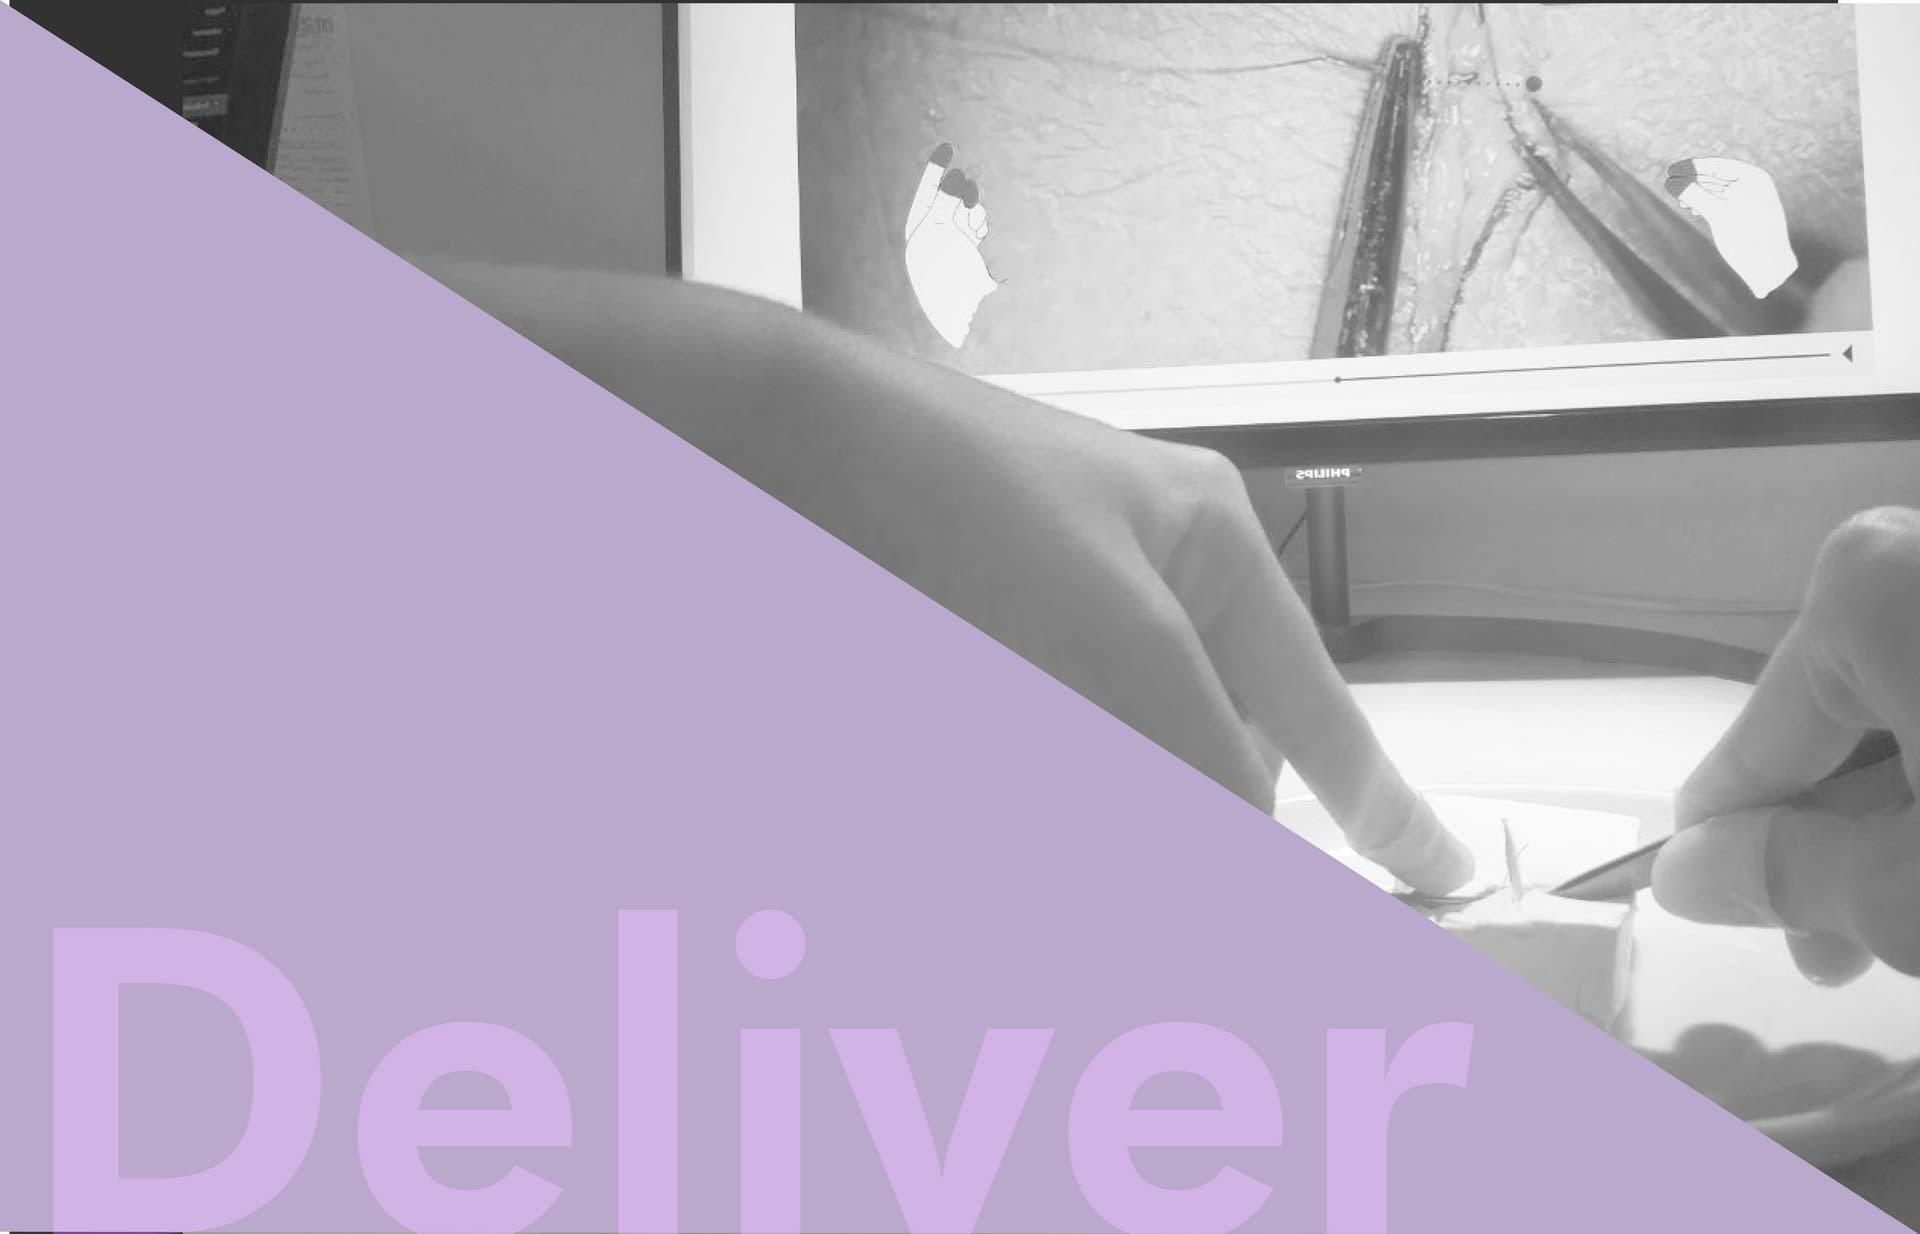 _Deliver